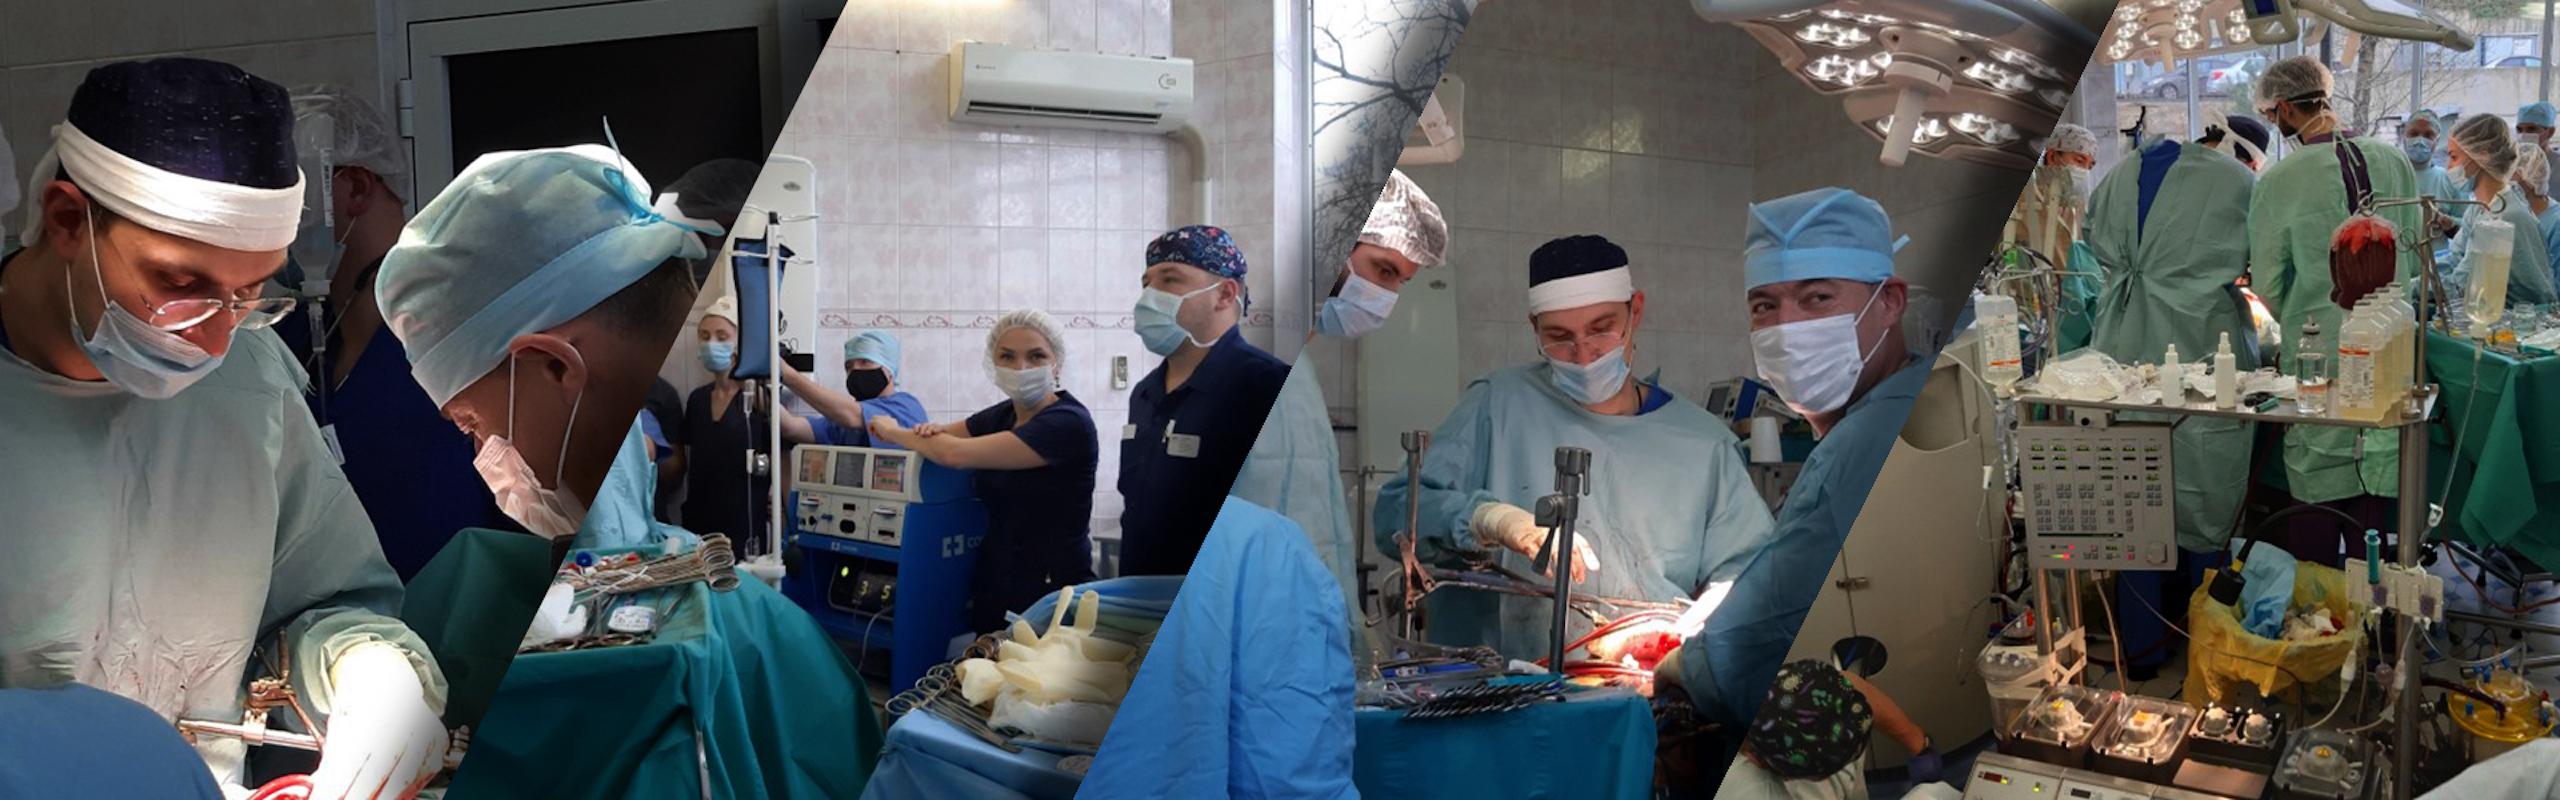 Инновационная операция по химиоперфузии рака печени